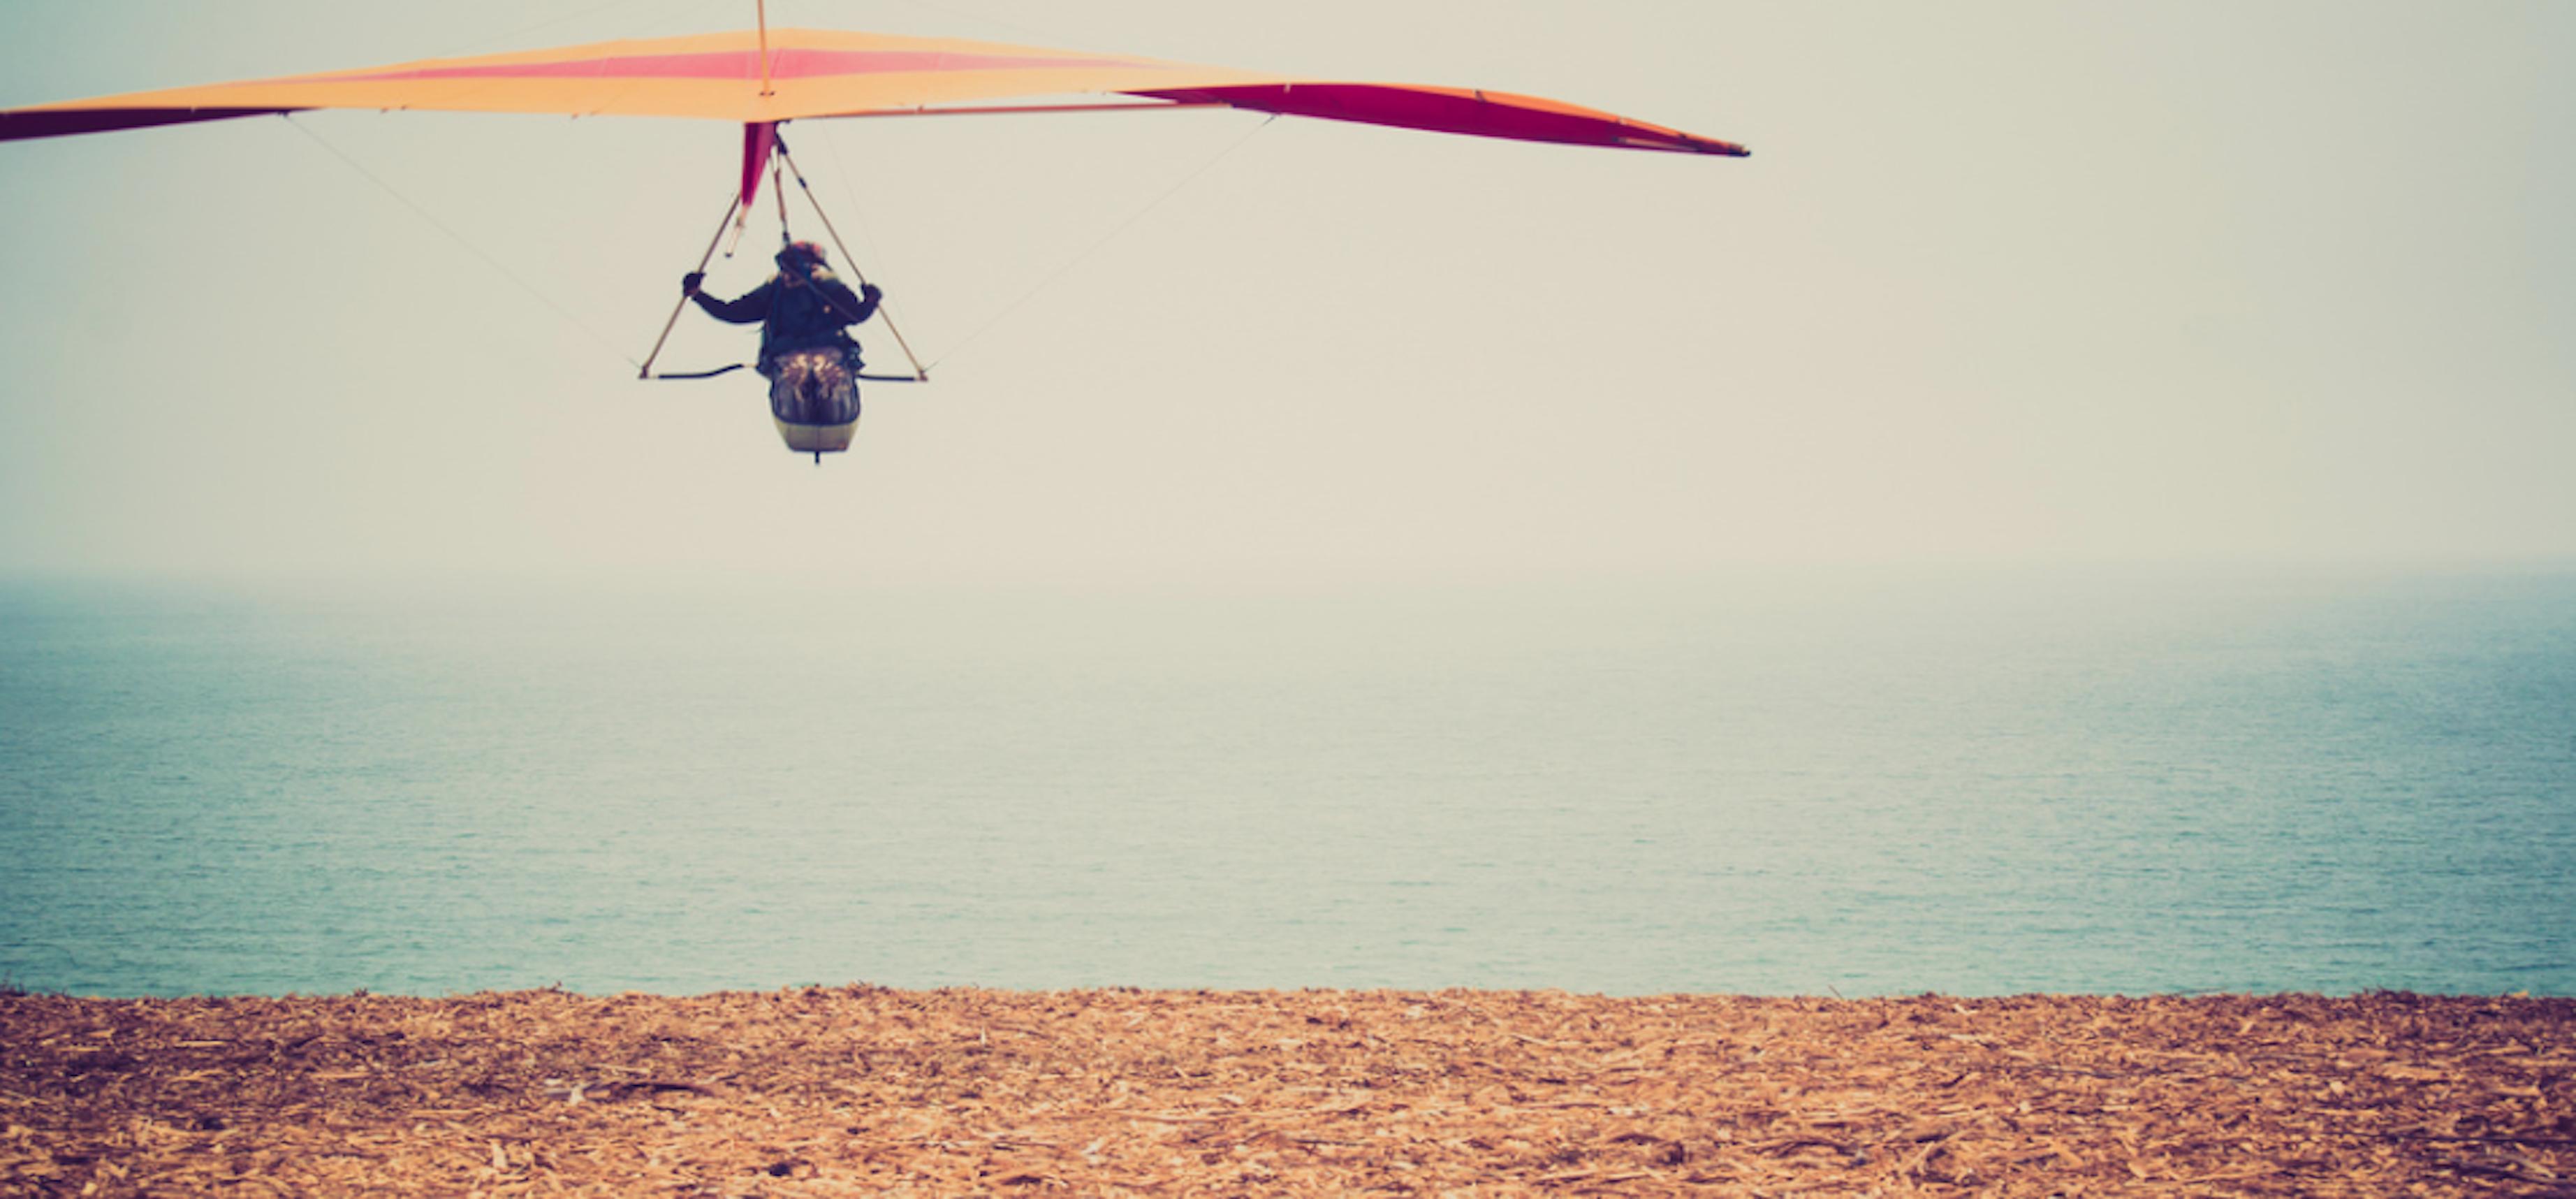 1 - Maui Hang Gliding via Flickr